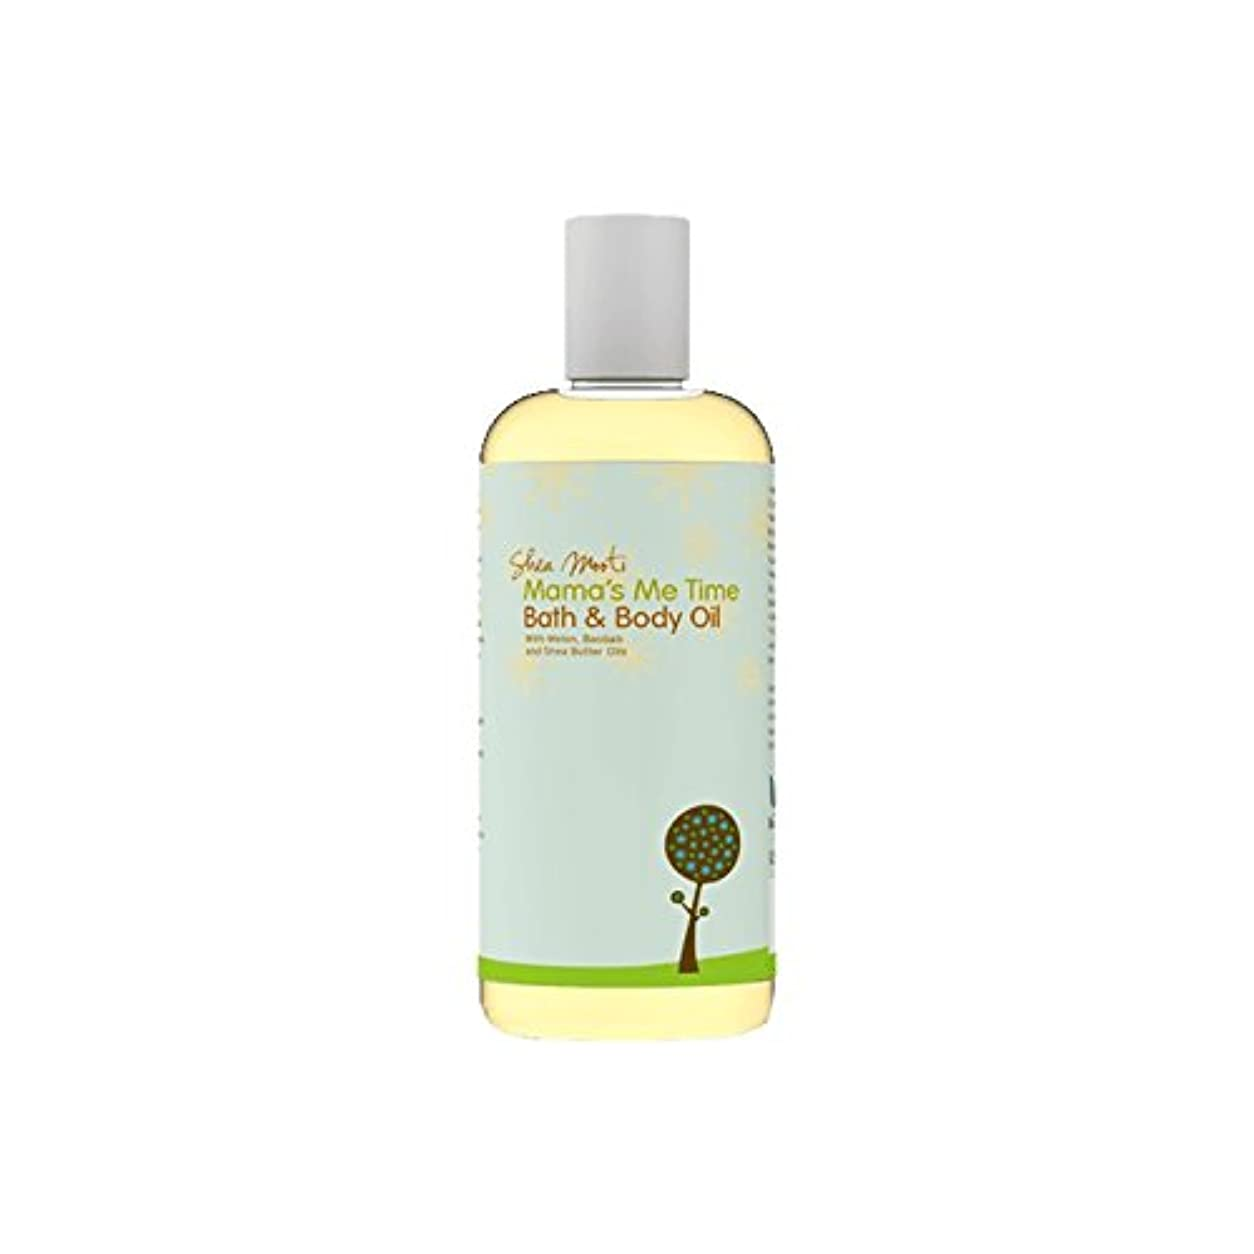 ヨーロッパモール部族Shea Mooti Mama's Me Time Bath and Body Oil 110g (Pack of 6) - シアバターMootiママの私の時間のバス、ボディオイル110グラム (x6) [並行輸入品]